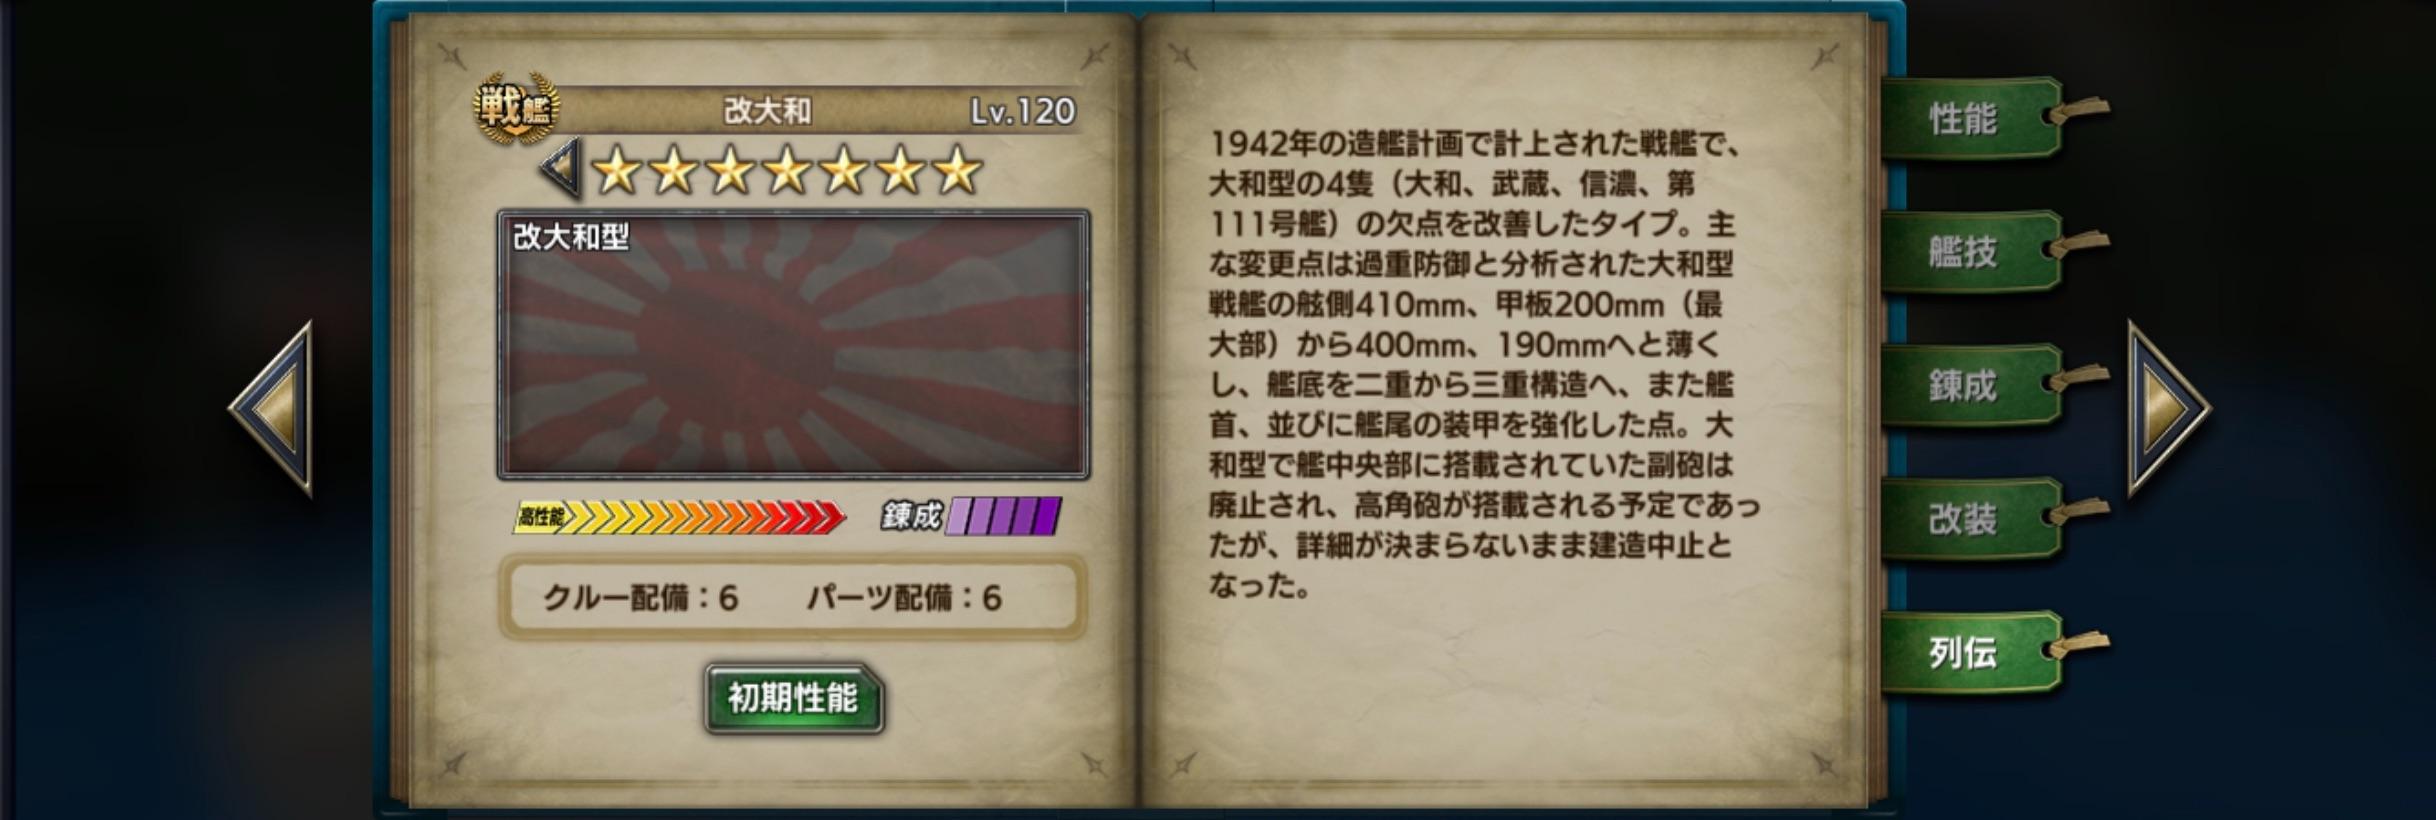 KaiYamato-history